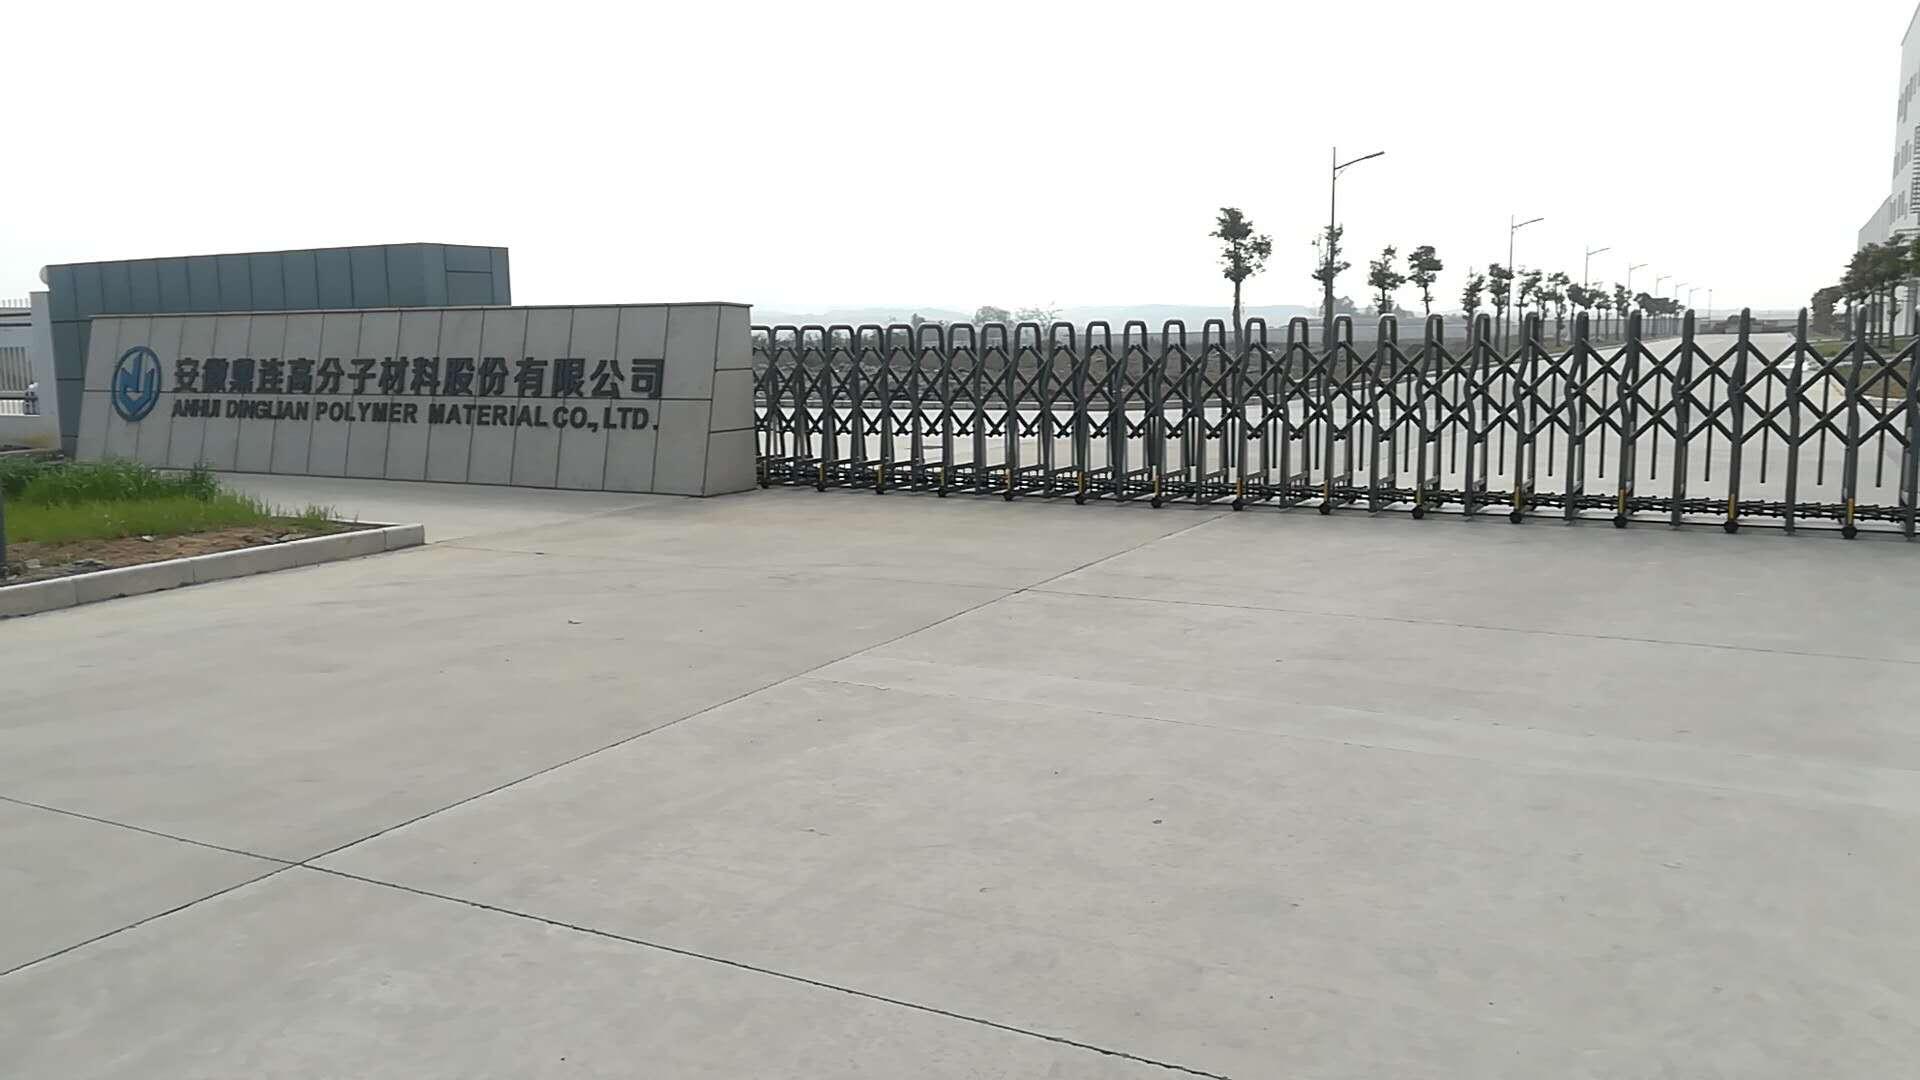 安徽鼎连高分子材料股份有限公司冷水机组系统实景展示